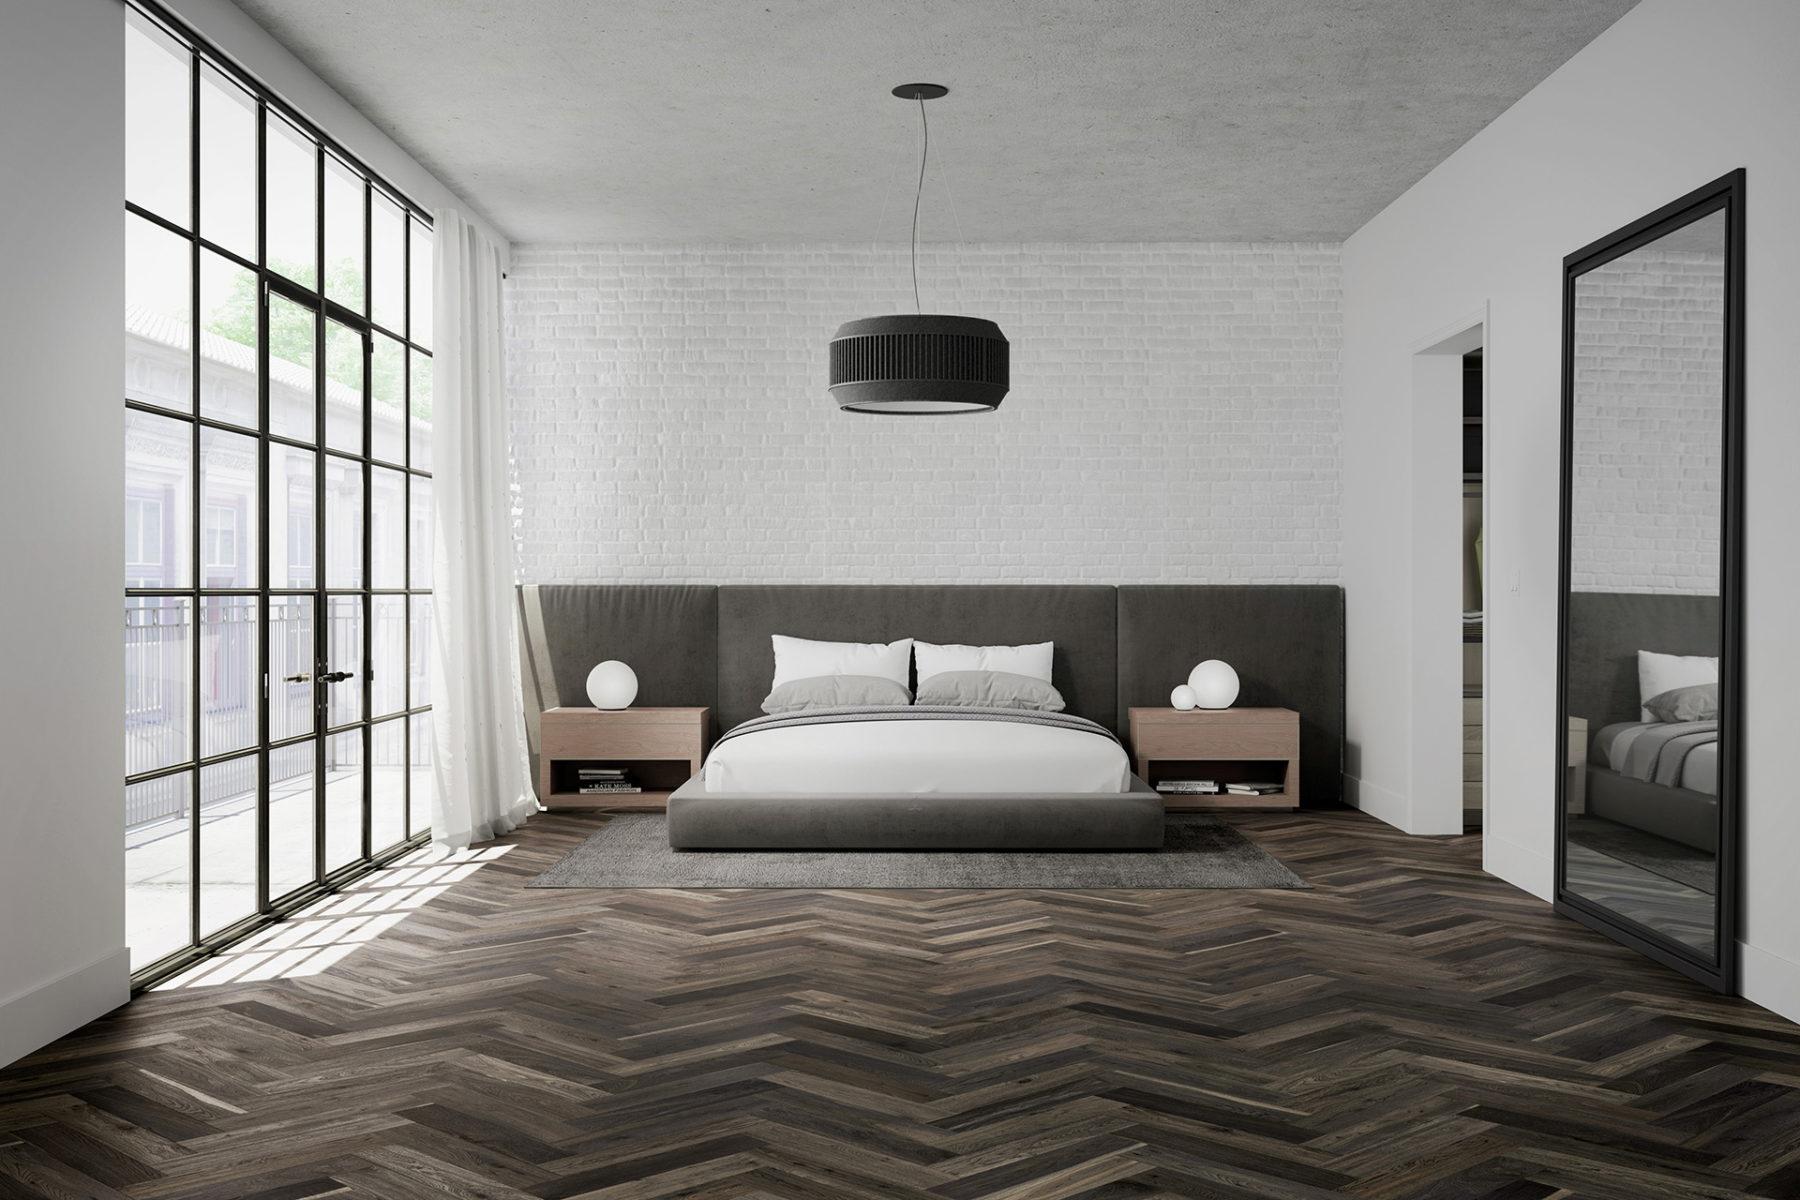 photorealism-studio-modern-floor-design